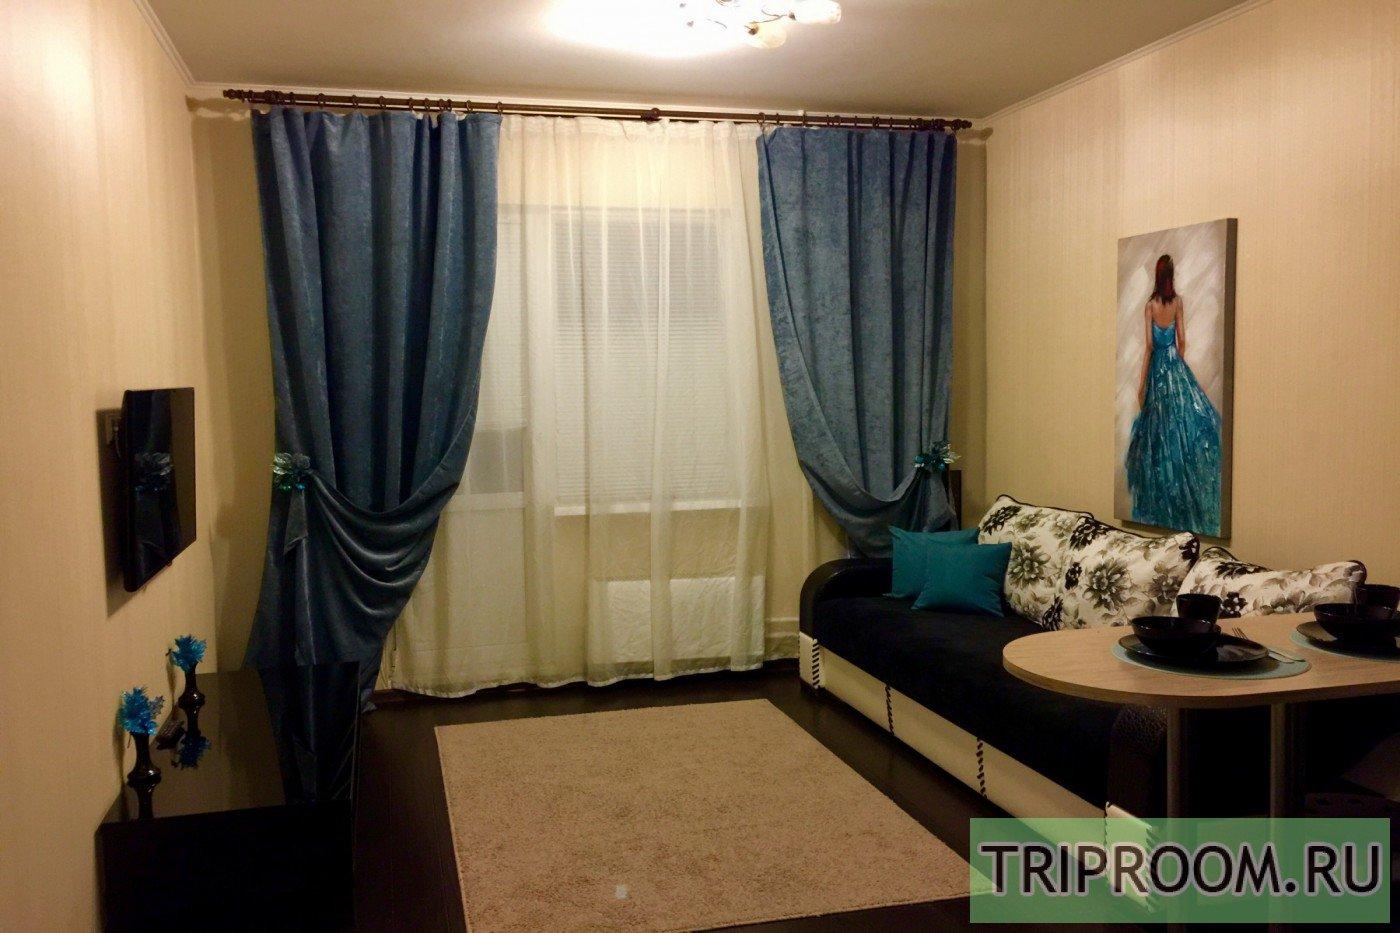 1-комнатная квартира посуточно (вариант № 36696), ул. Университетская улица, фото № 6